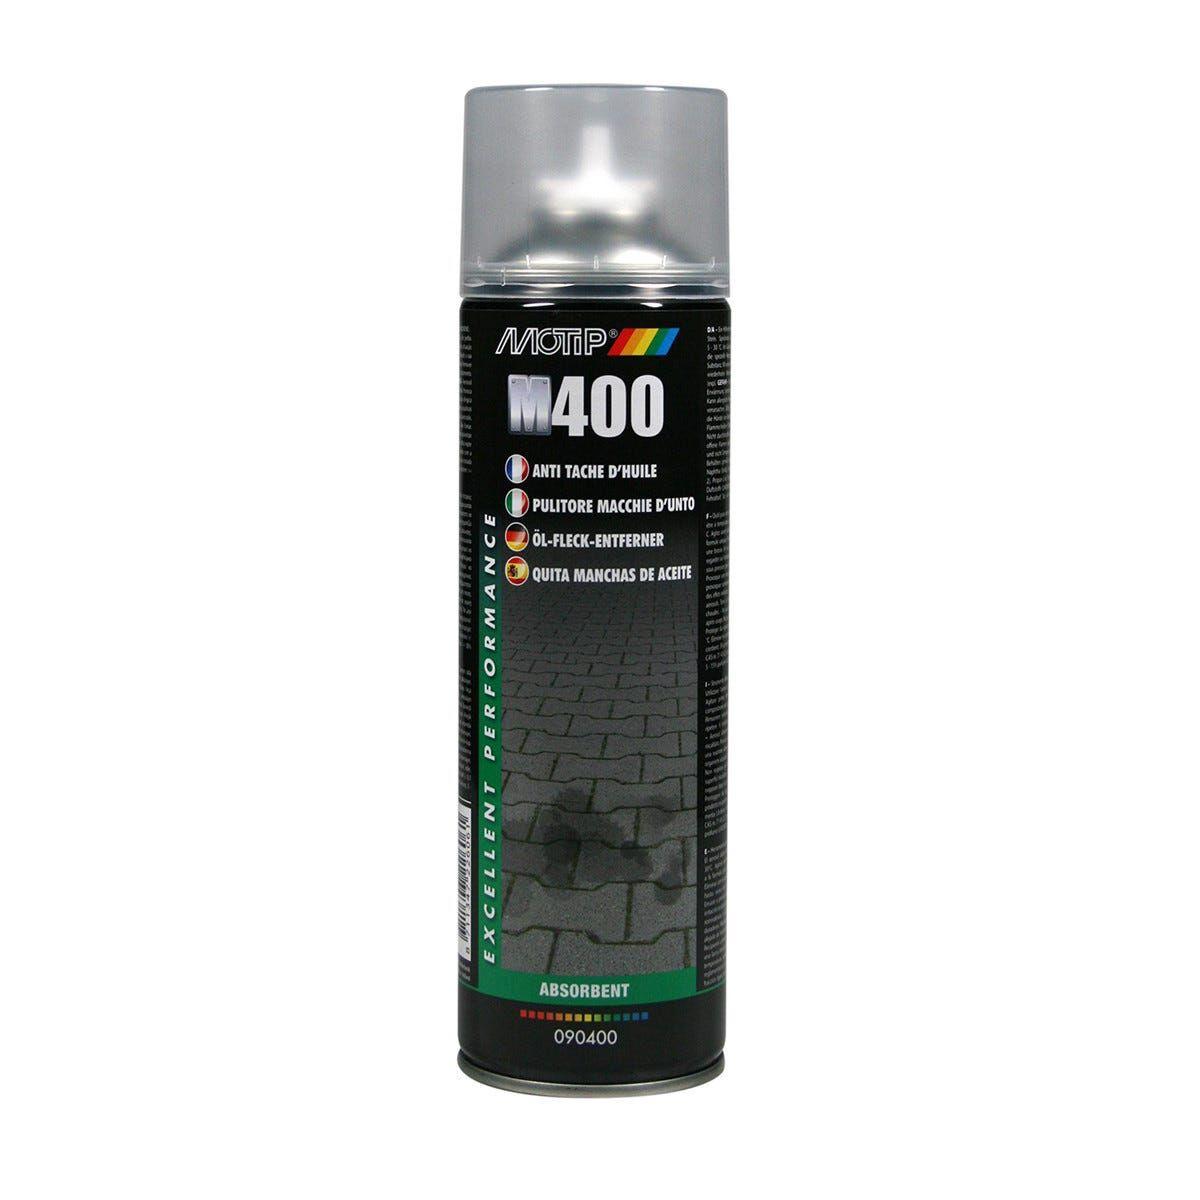 MOTIP Pulitore Macchie D'Unto Spray 500 Ml Bianco Trasparente Cemento Minerali Porfido